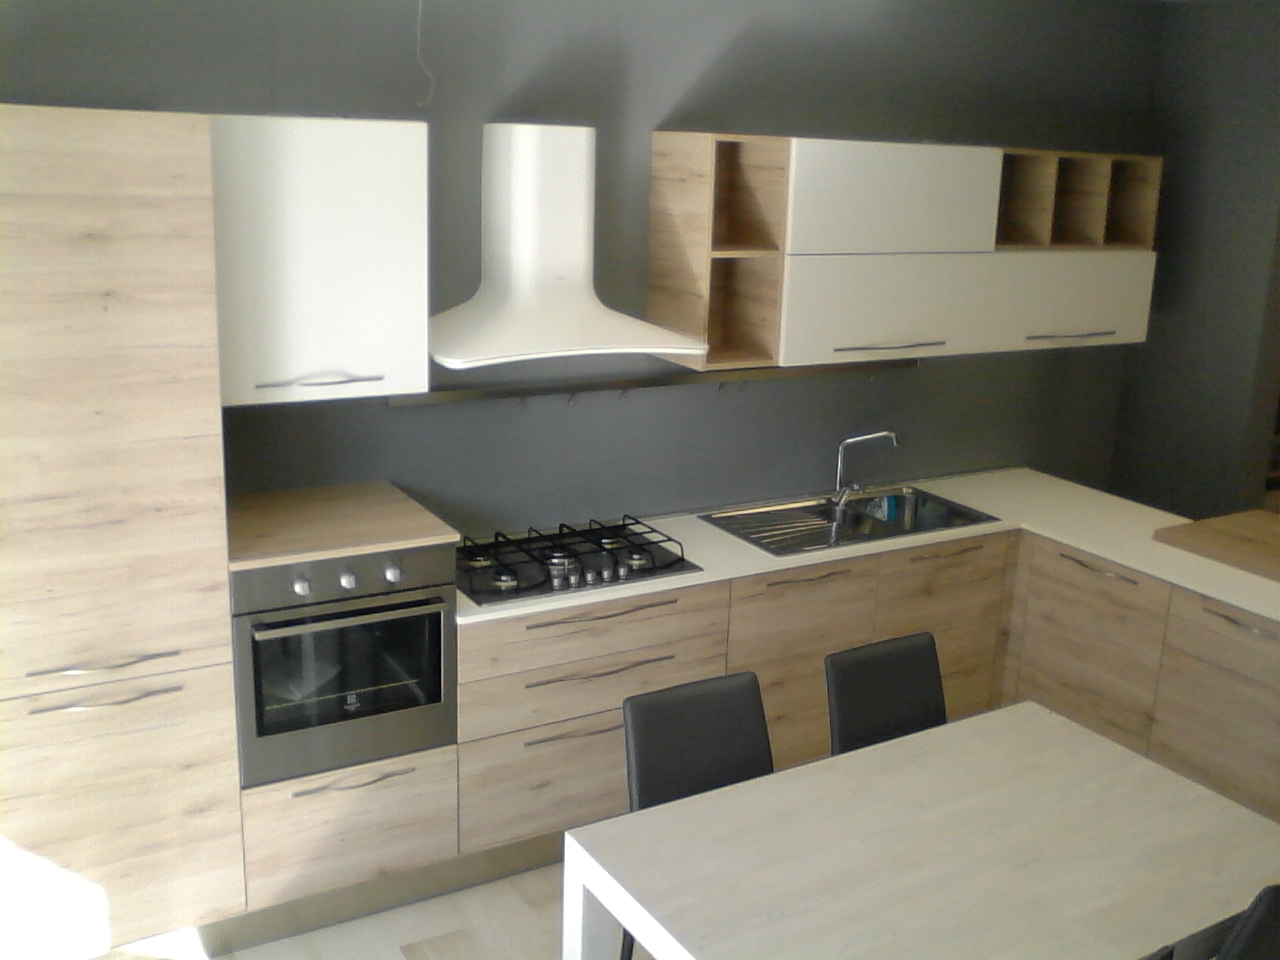 Cucina gicinque cucine oslo rovere scandinavo e bianco moderno cucine a prezzi scontati - Cucine faber prezzi ...